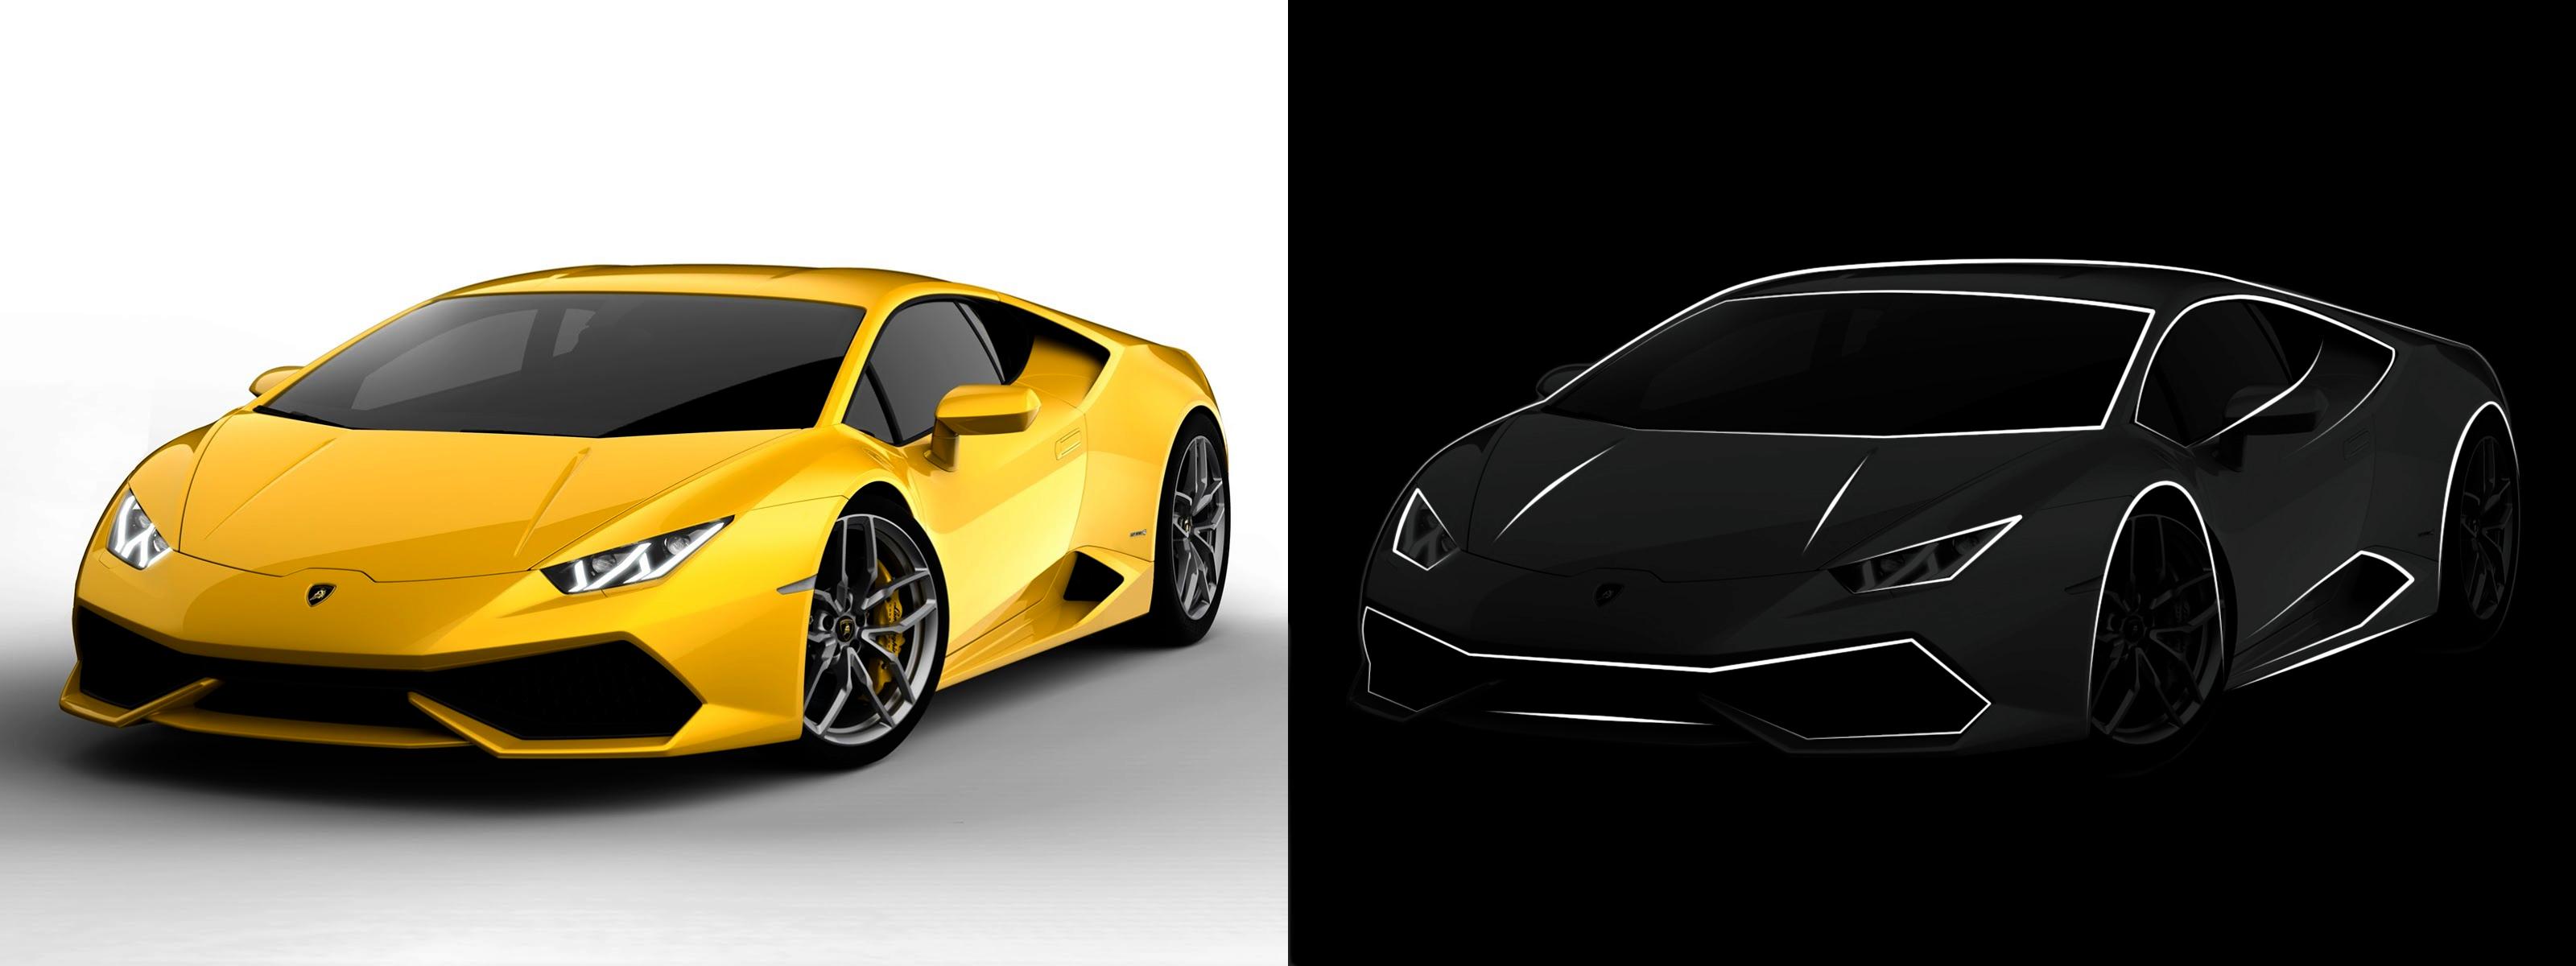 Lamborghini Huracan Desgin Sketch